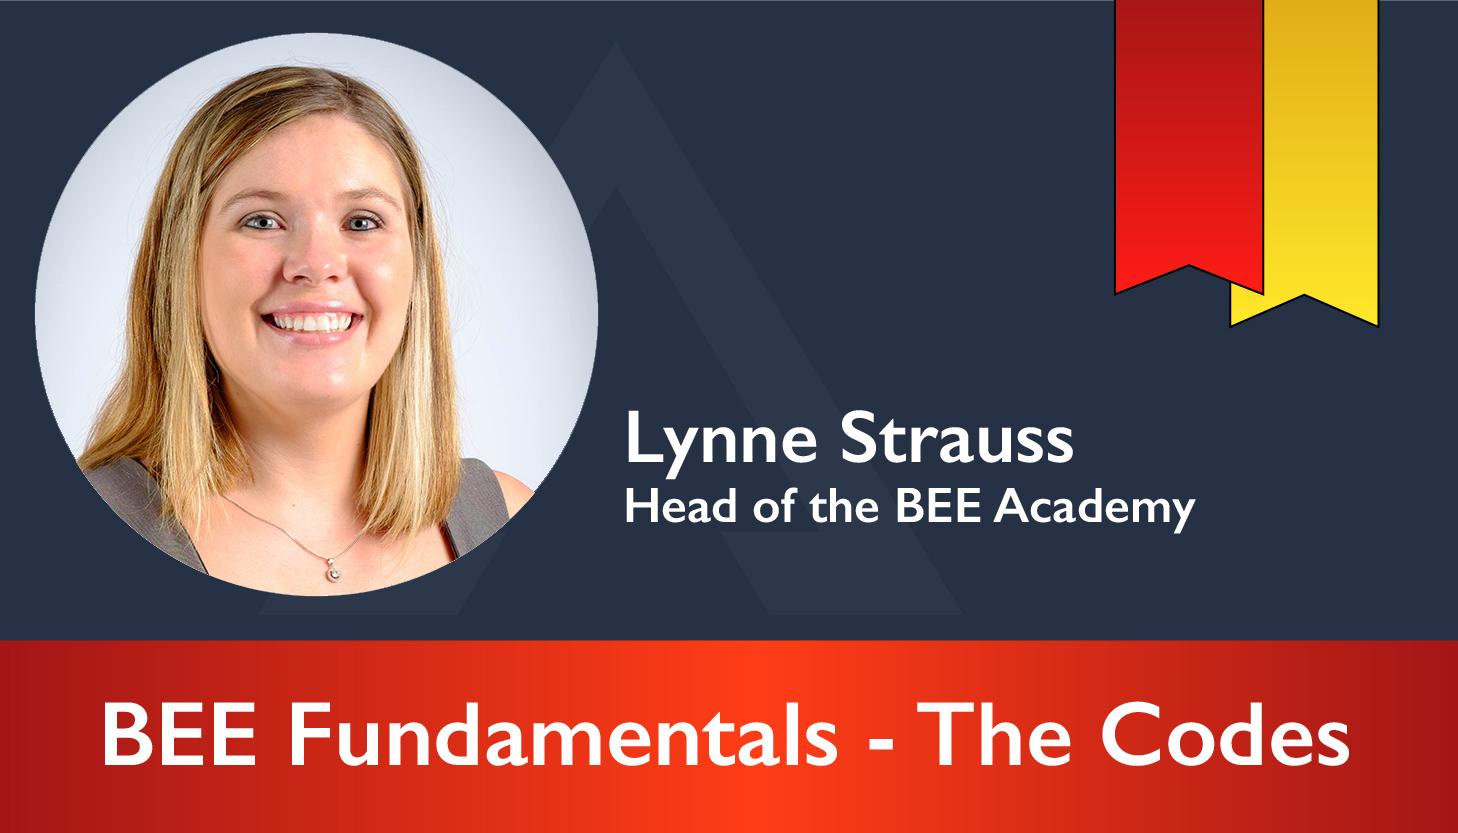 BEE Fundamentals Lynne-01